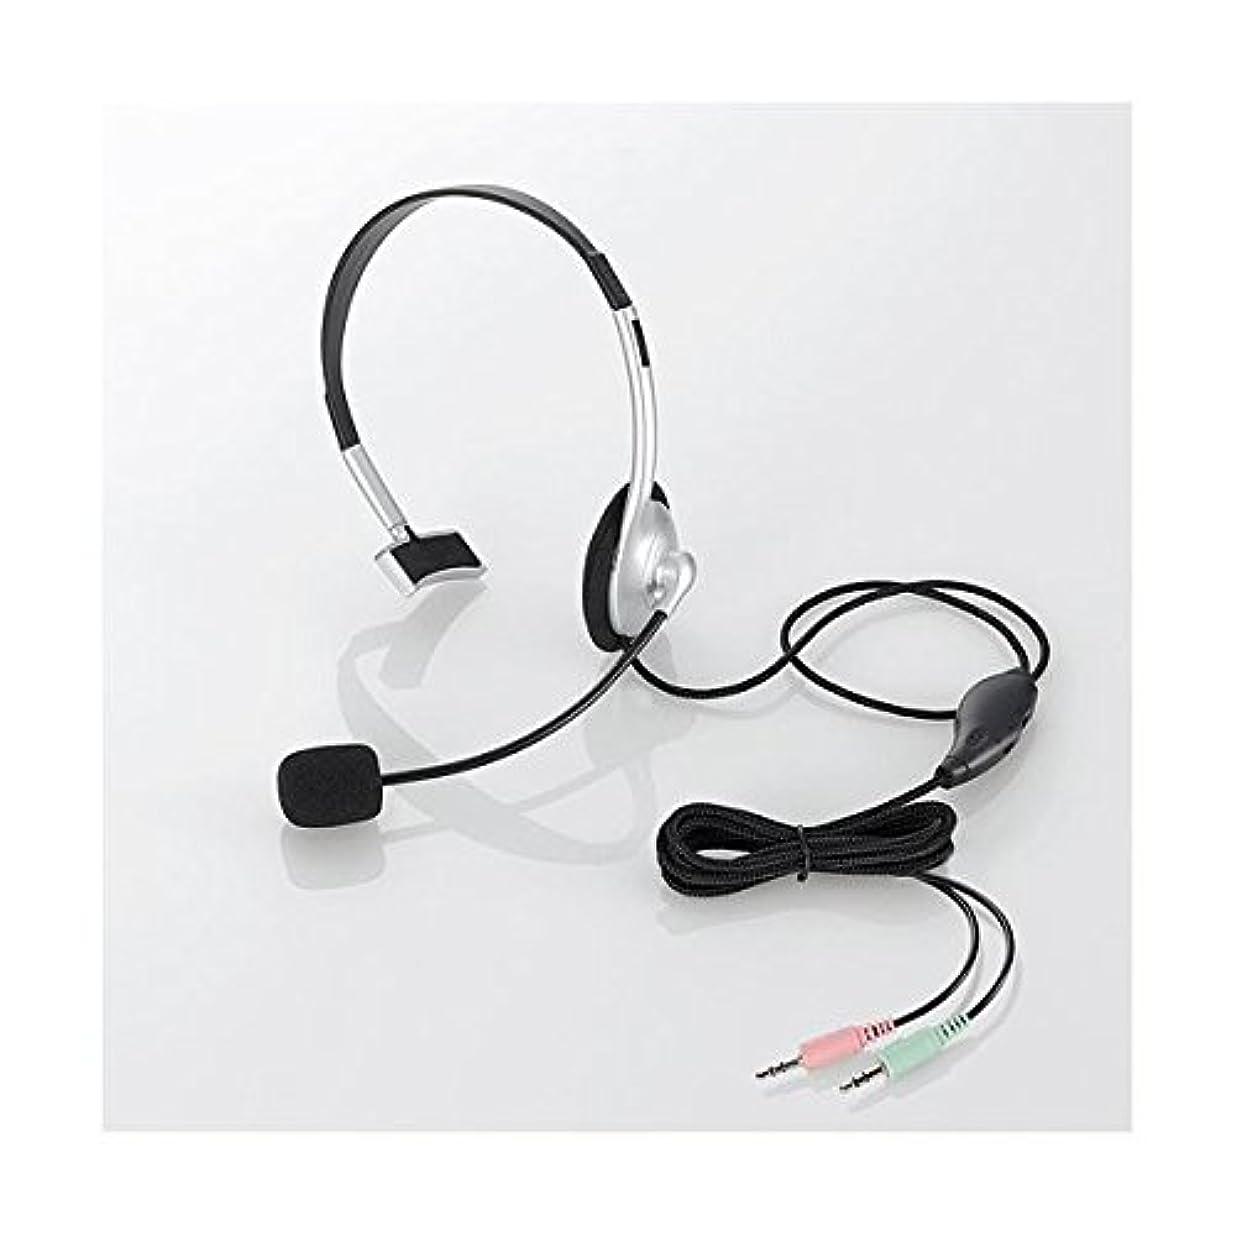 気味の悪い壊すパンチ(まとめ)エレコム ヘッドセット(片耳小型オーバーヘッドタイプ) HS-HP21SV【×5セット】 ds-1622574